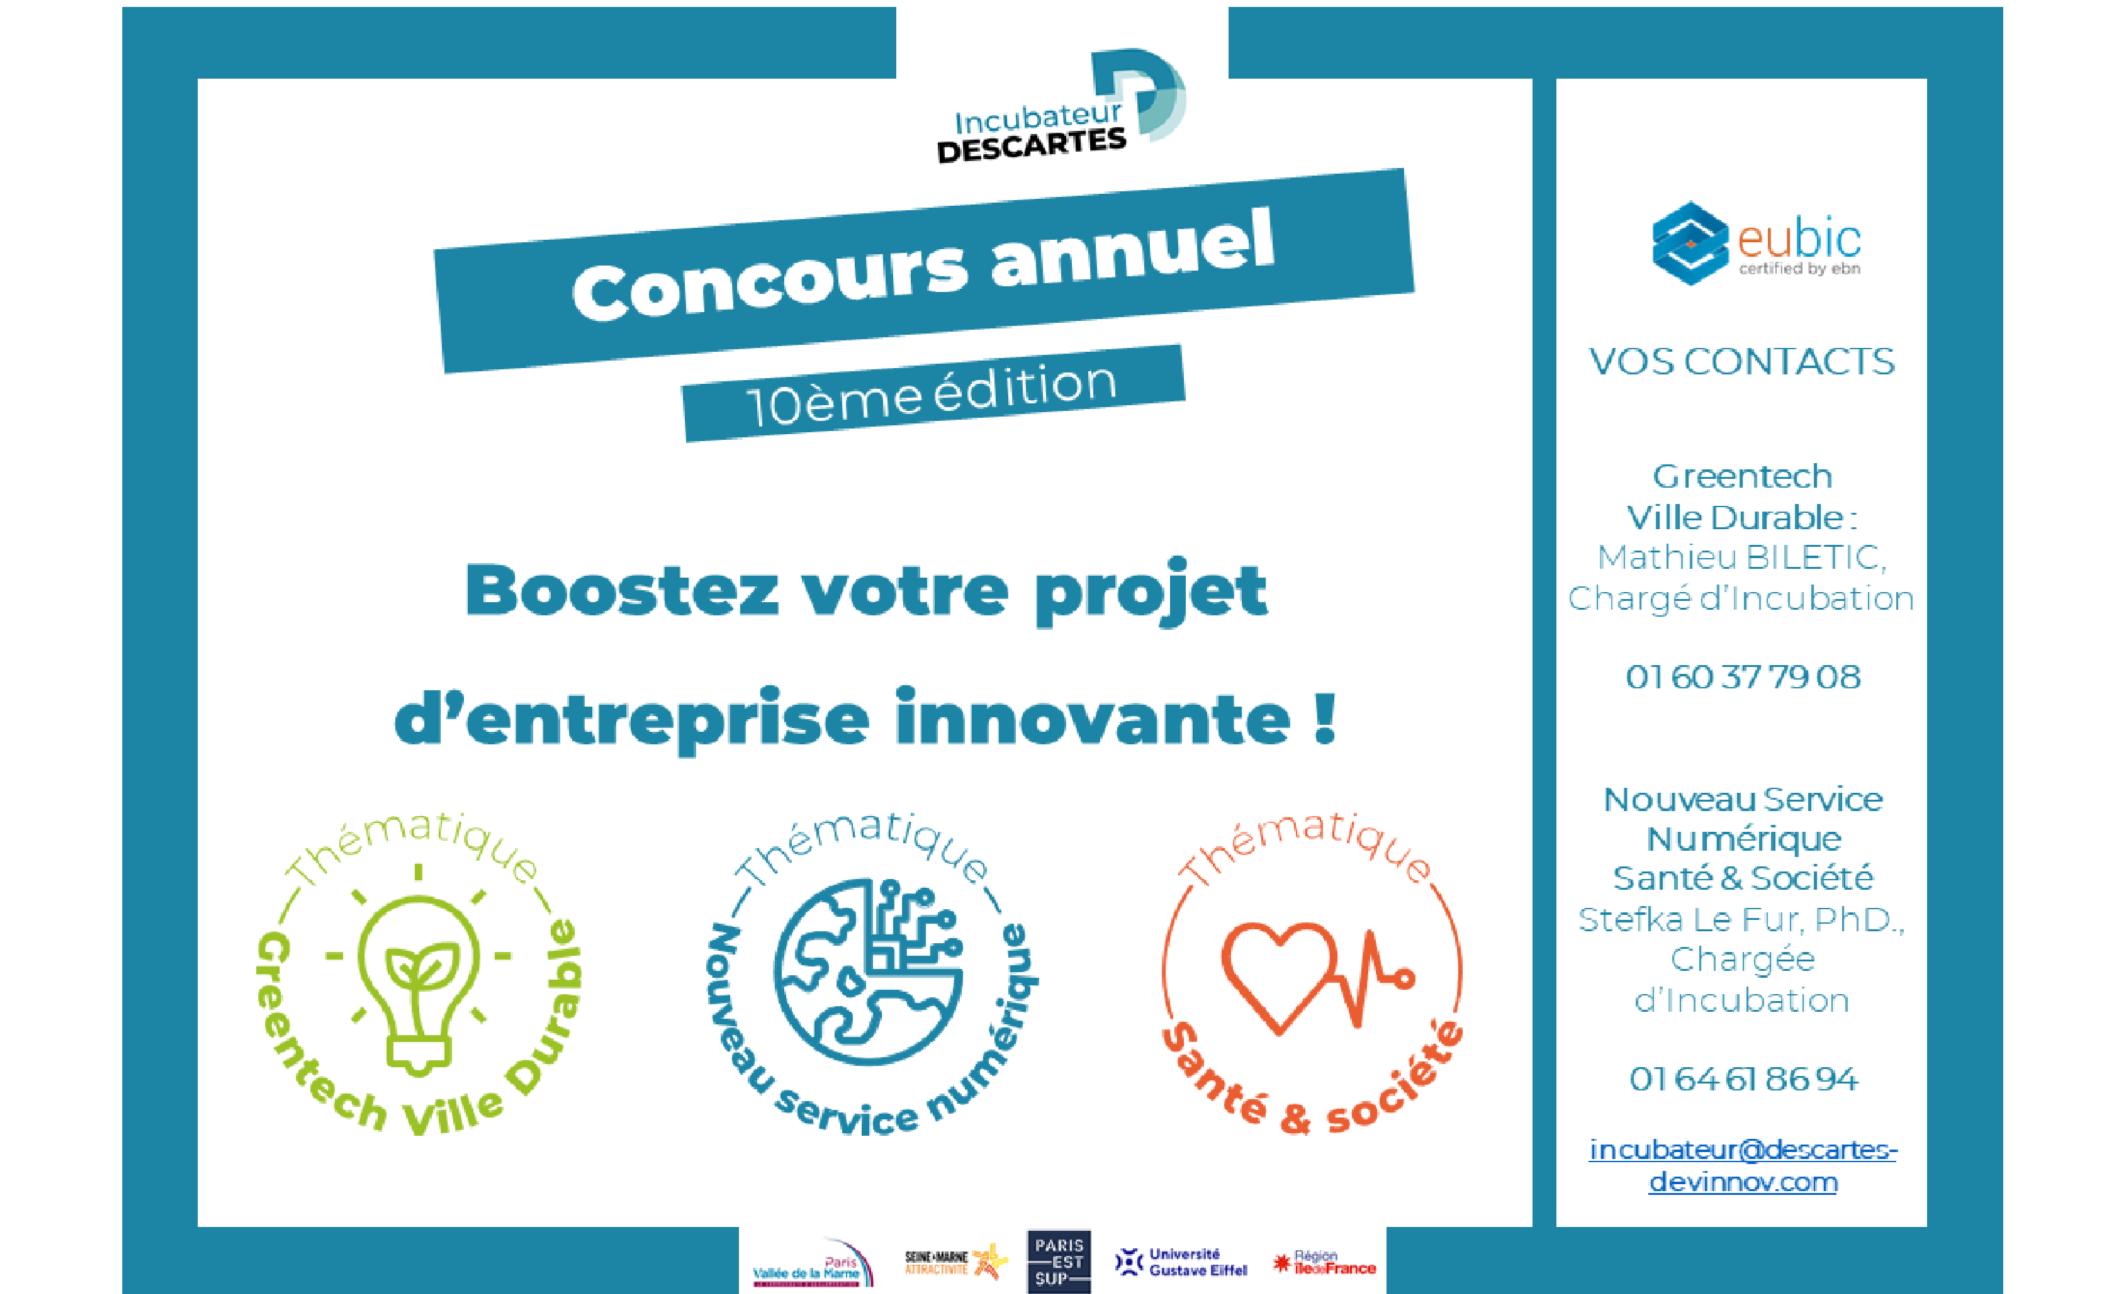 Incubateur Descartes : Lancement du concours de création d'entreprises innovantes